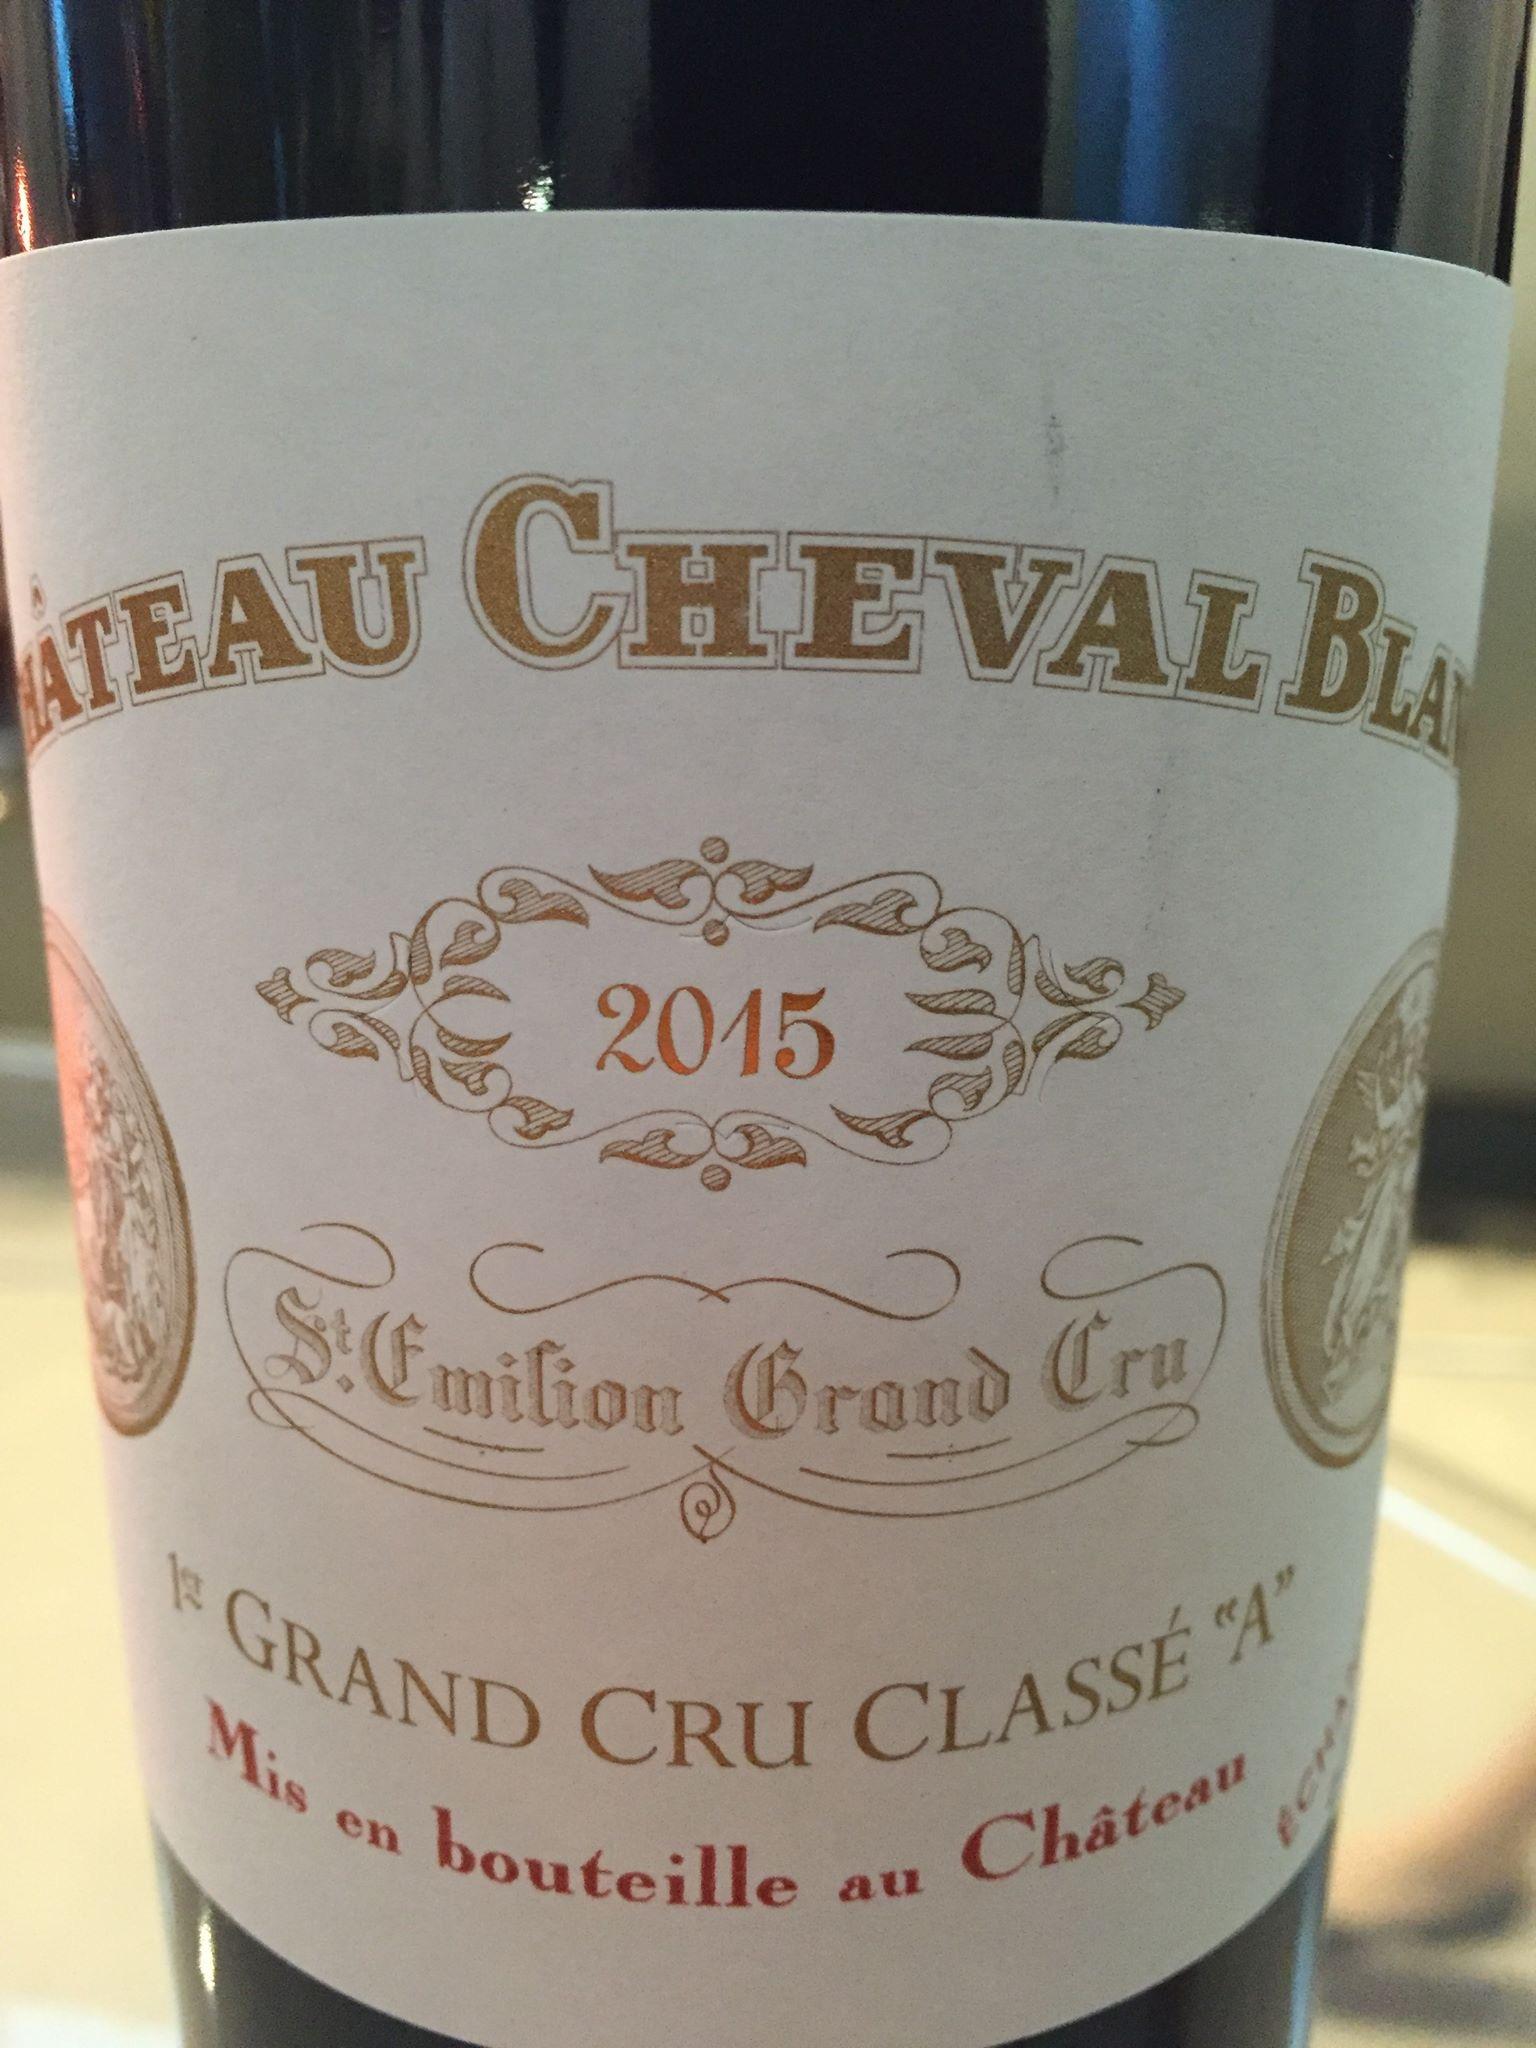 Château Cheval Blanc 2015 – Saint-Emilion Grand Cru, 1er Grand Cru Classé A